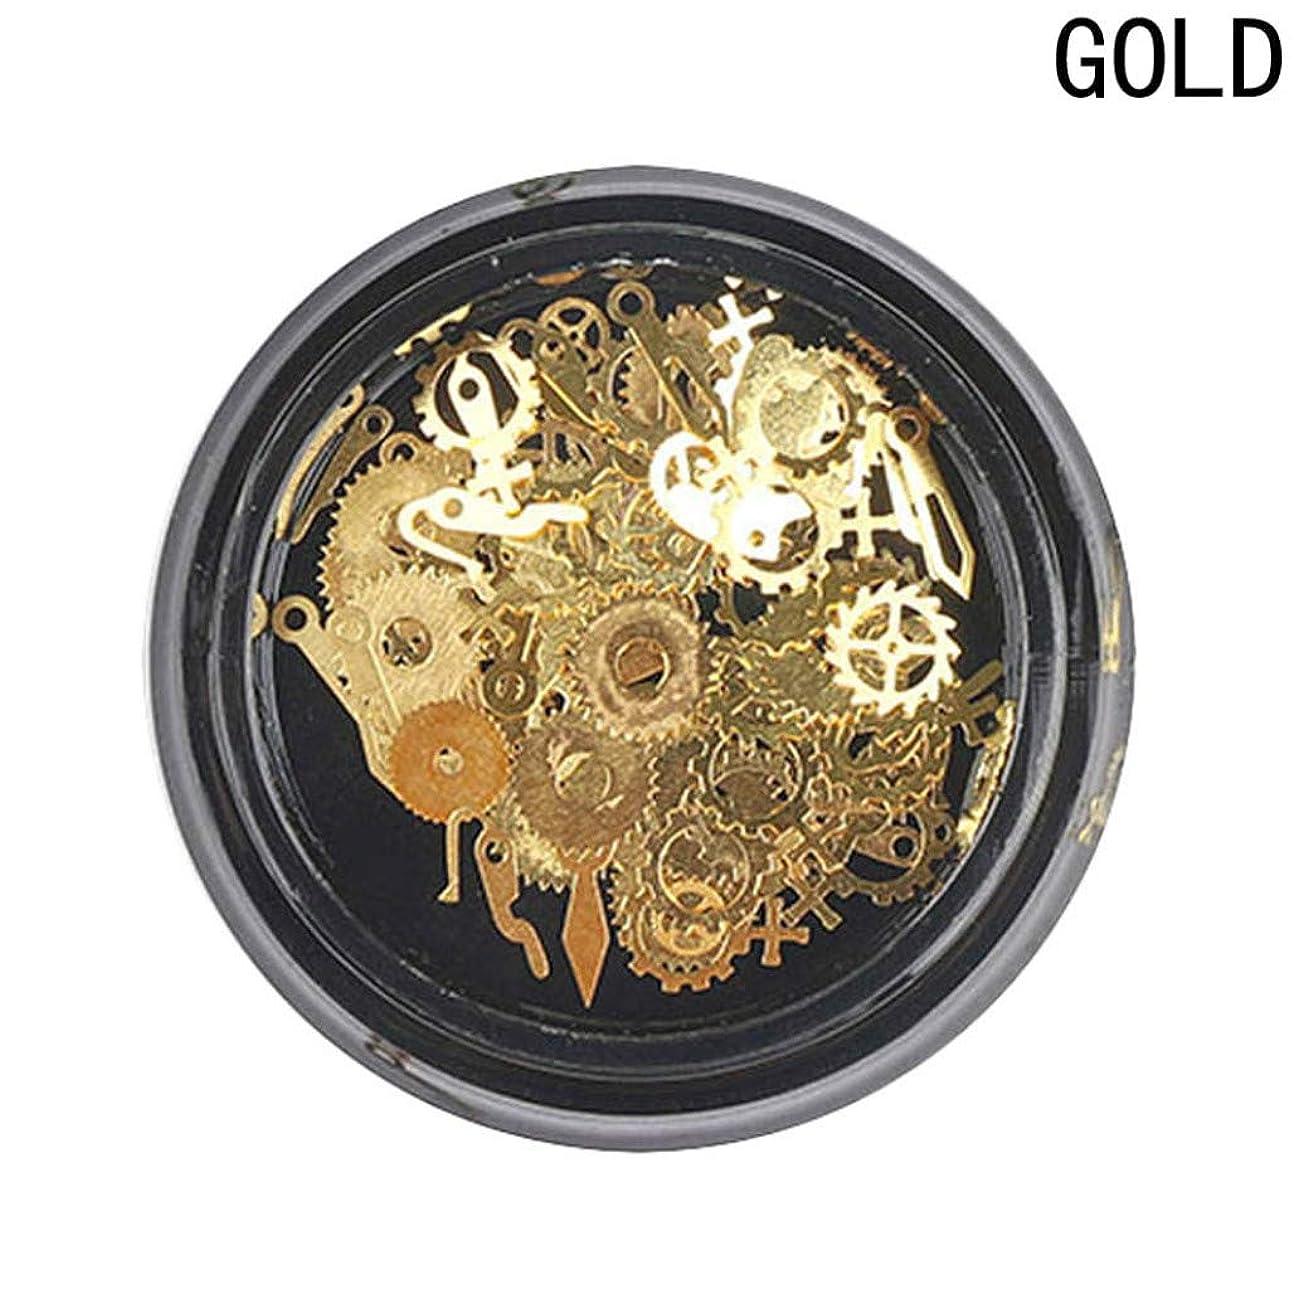 酸素止まる怪しいWadachikis ベストセラーファッションユニークな合金蒸気パンクギアネイルアート装飾金属スタイルの創造的な女性の爪DIYアクセサリー1ボックス(None golden)